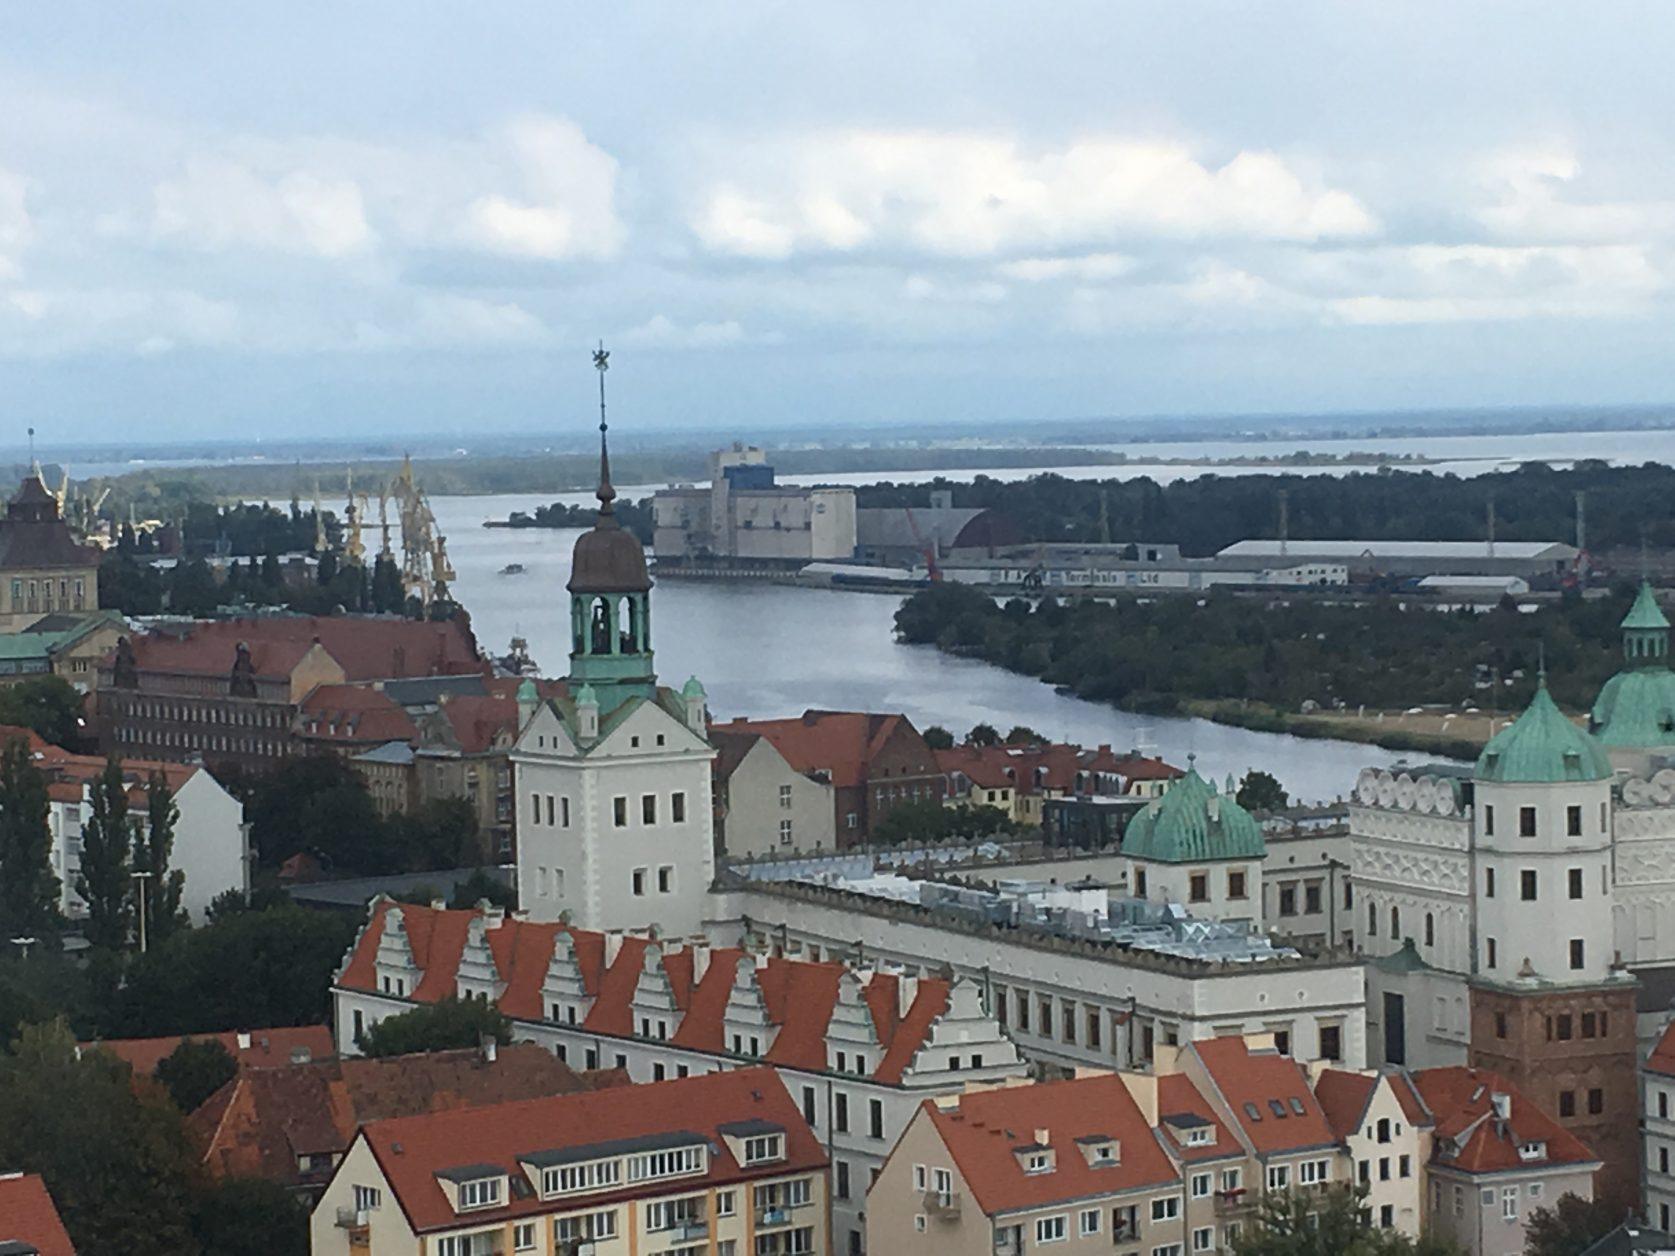 Blick vom Kirchturm auf Schloss, Hafen und Stettiner Haff.